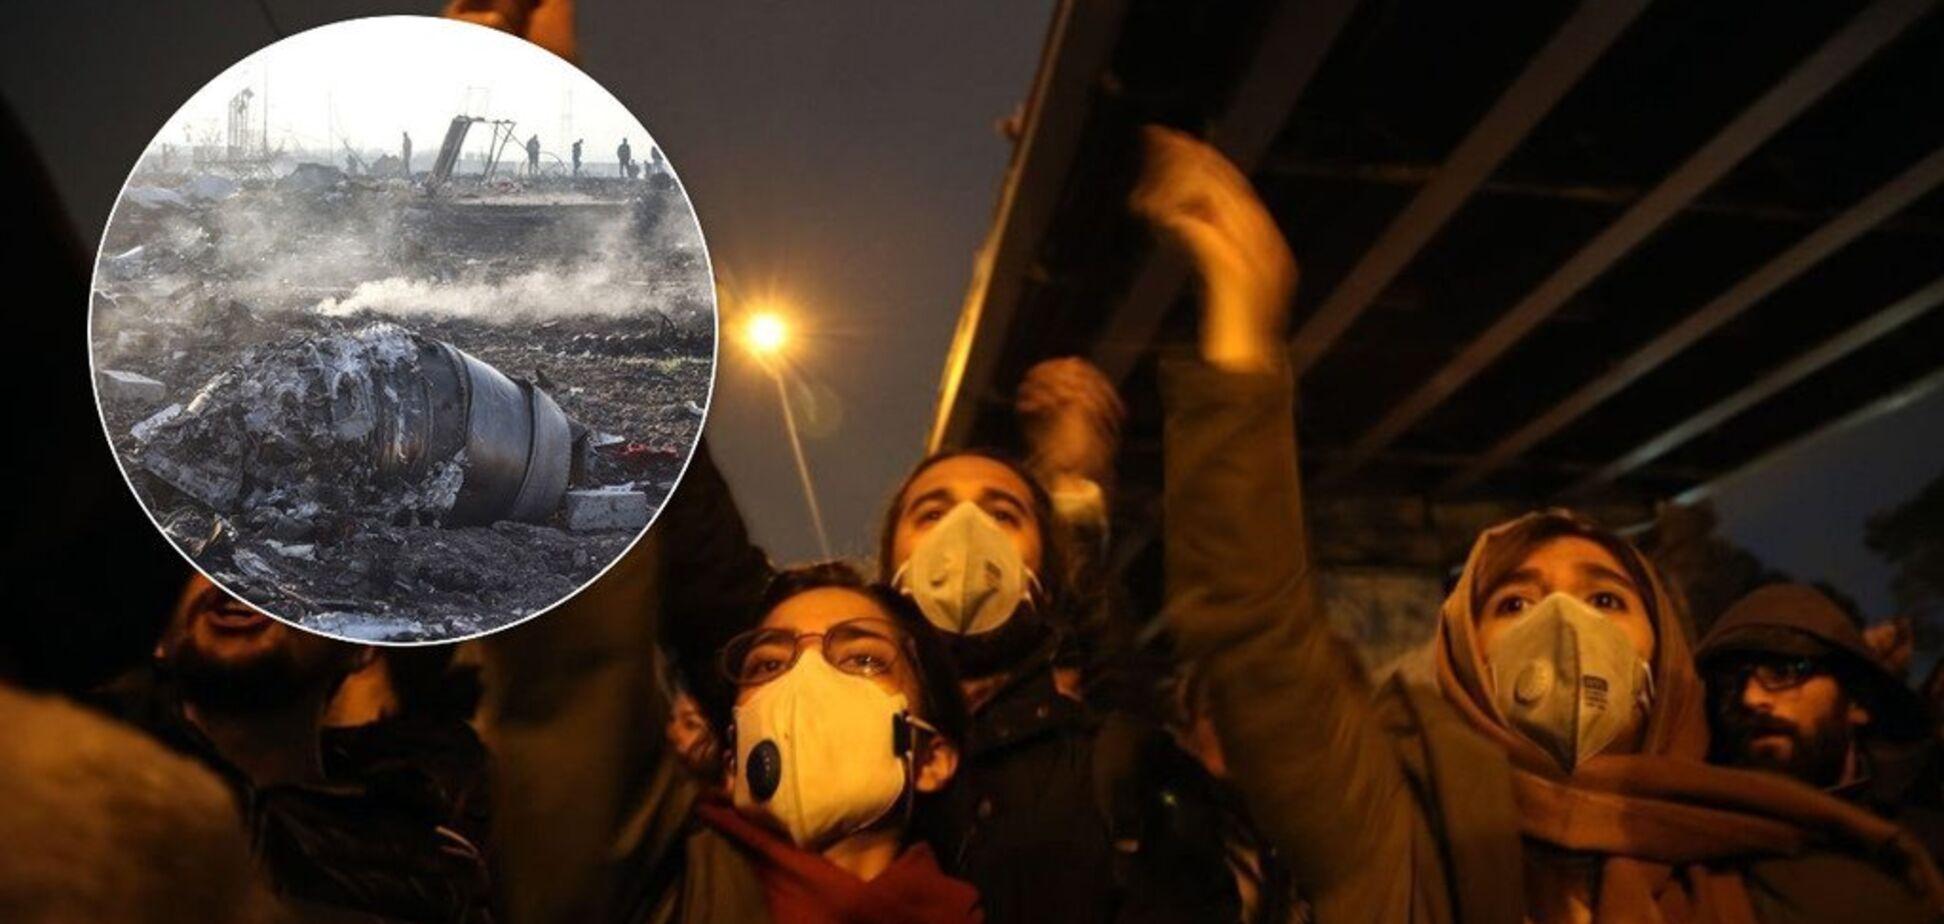 Кровавые протесты: как авиакатастрофа украинского Boeing привела к кризису в Иране